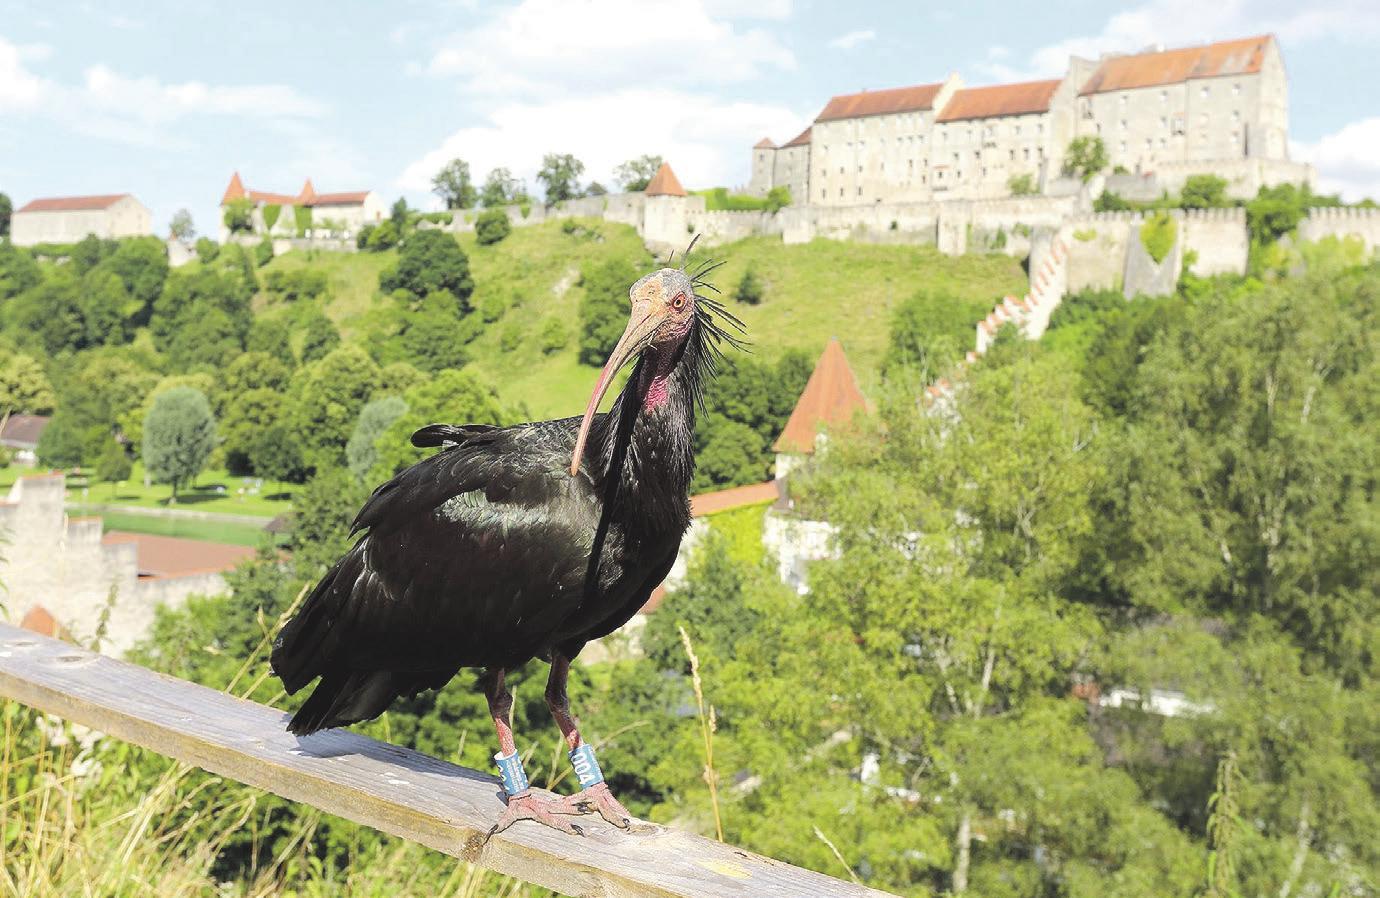 Urlaub dahoam: Kultur- und Freizeitparadies rund um die weltlängste Burg Image 7